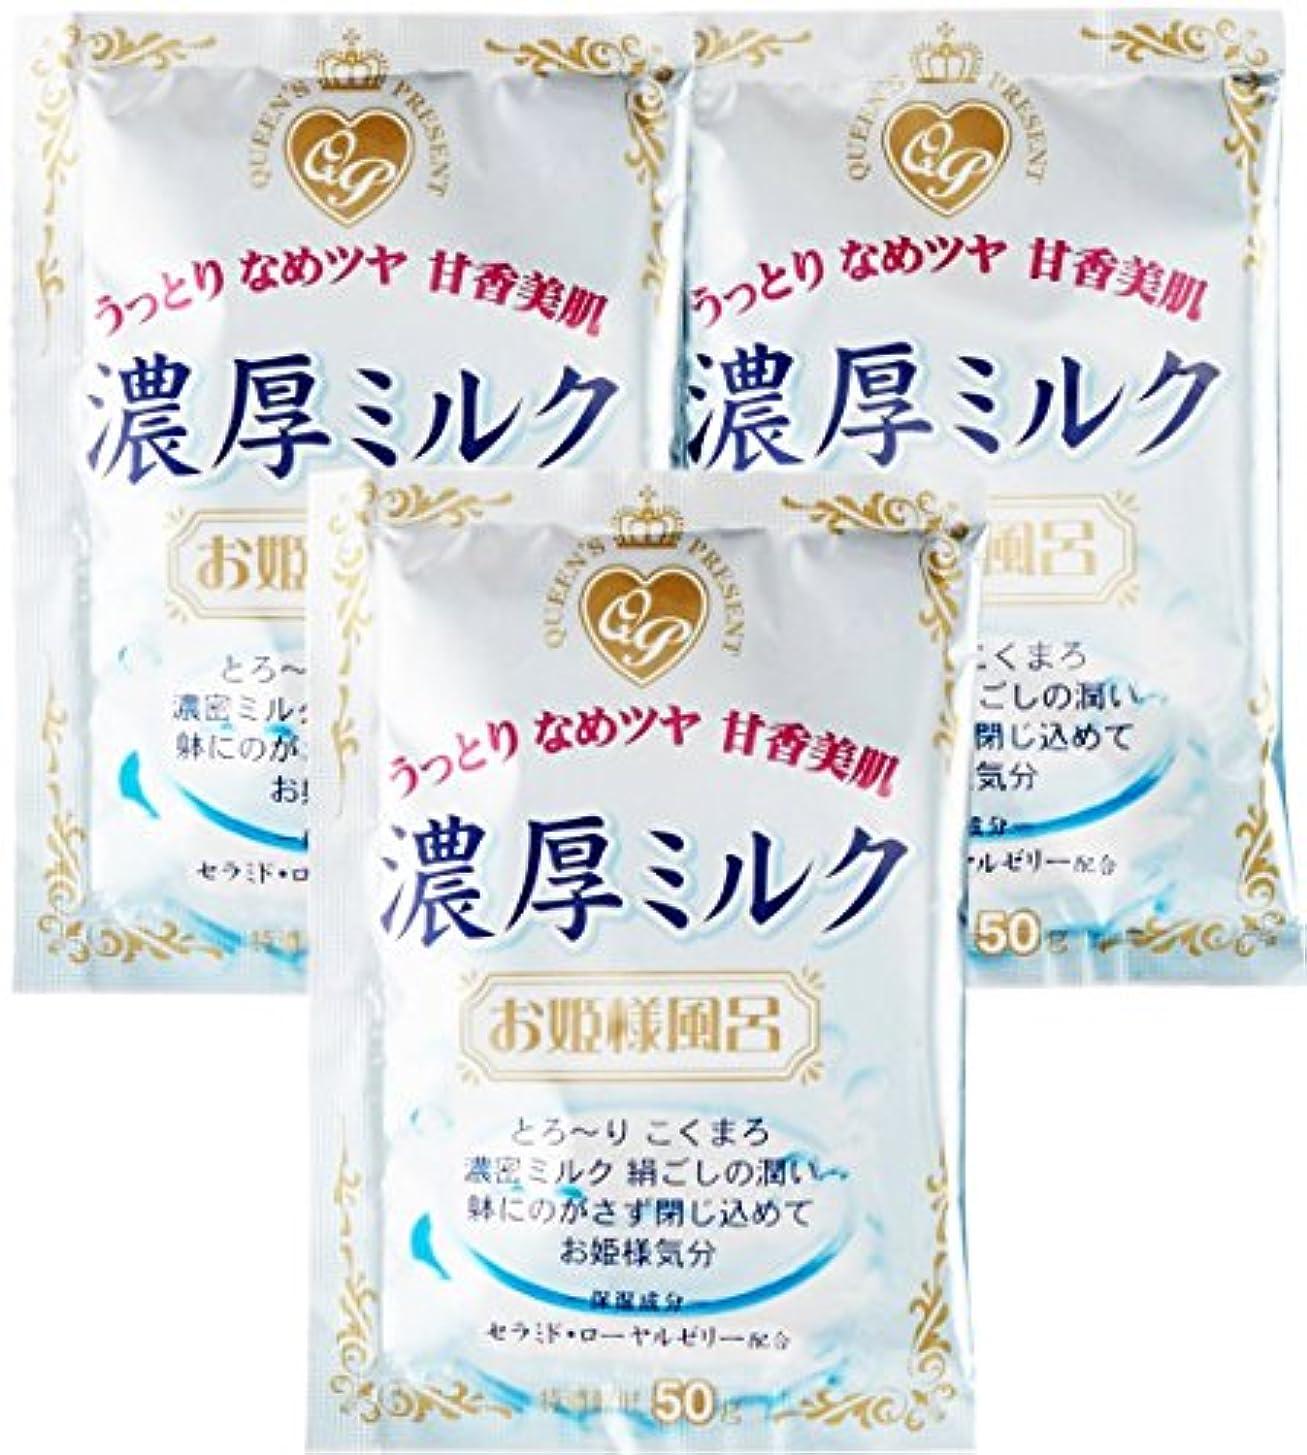 ファックス観察するフロンティア紀陽除虫菊 『入浴剤 まとめ買い』 お姫様風呂 濃厚ミルク 3包セット